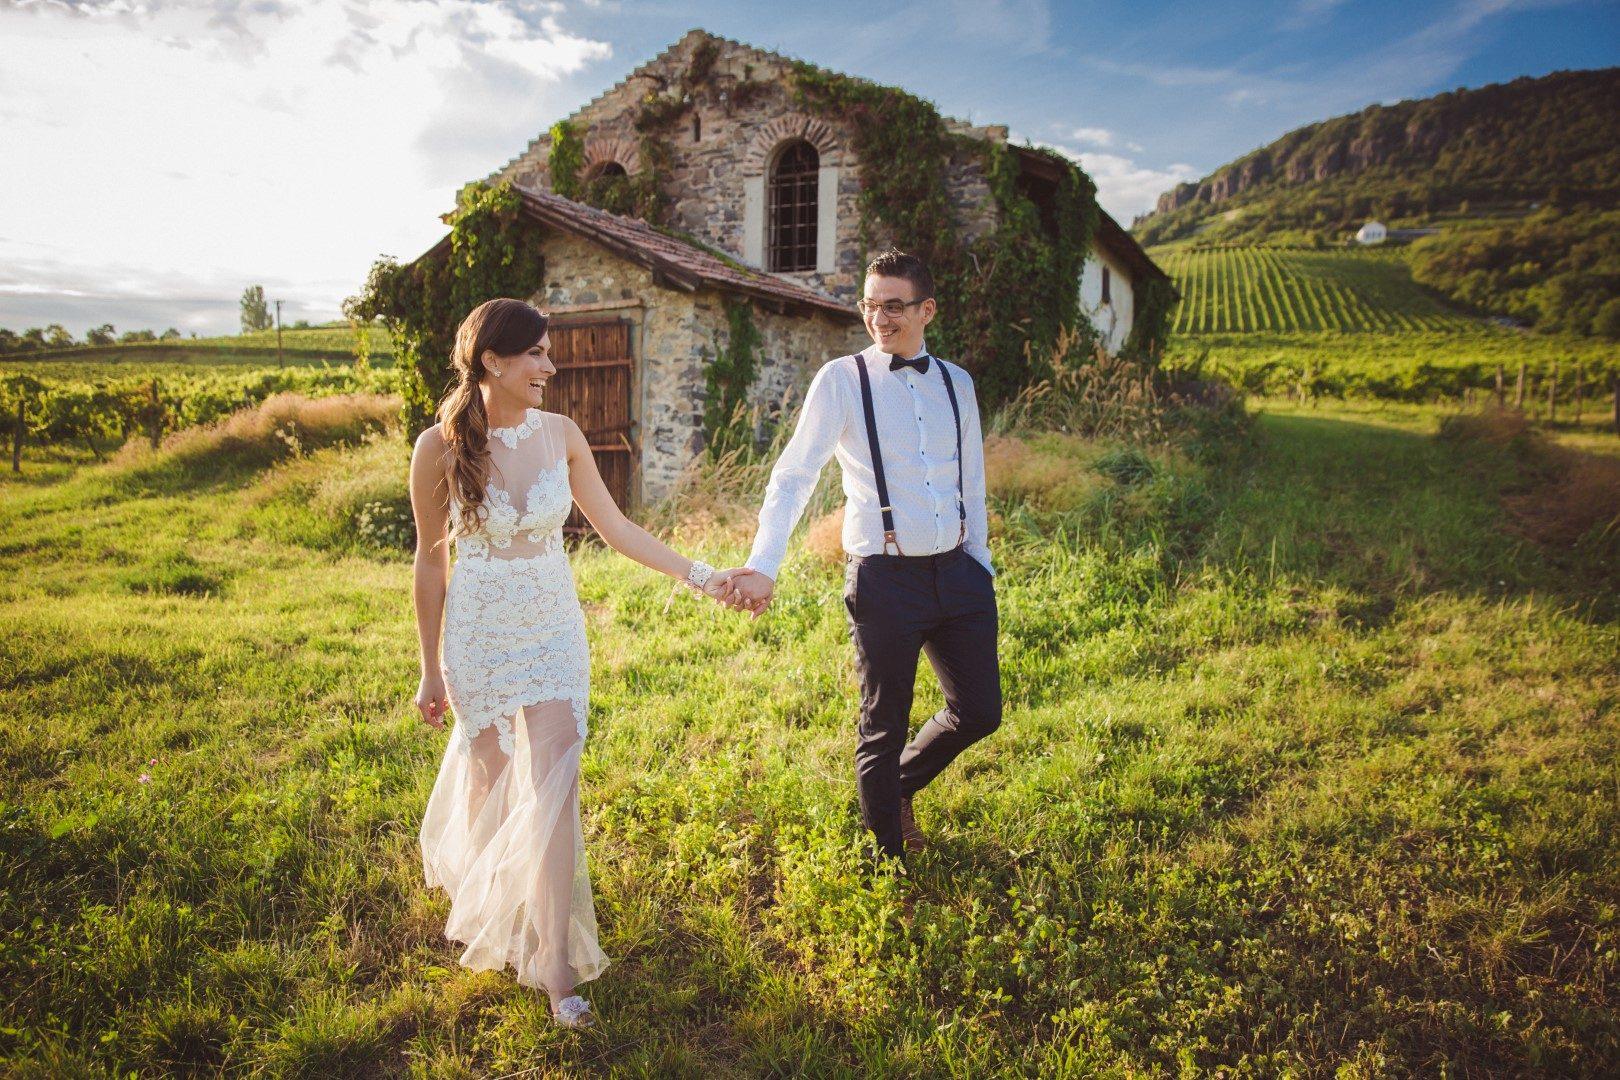 ,badacsonyi esküvő,esküvő,balatoni esküvő,daalarna ruha,daalarna esküvő,valódi esküvő,balaton,daalarna,esküvői ruha,sellő ruha,